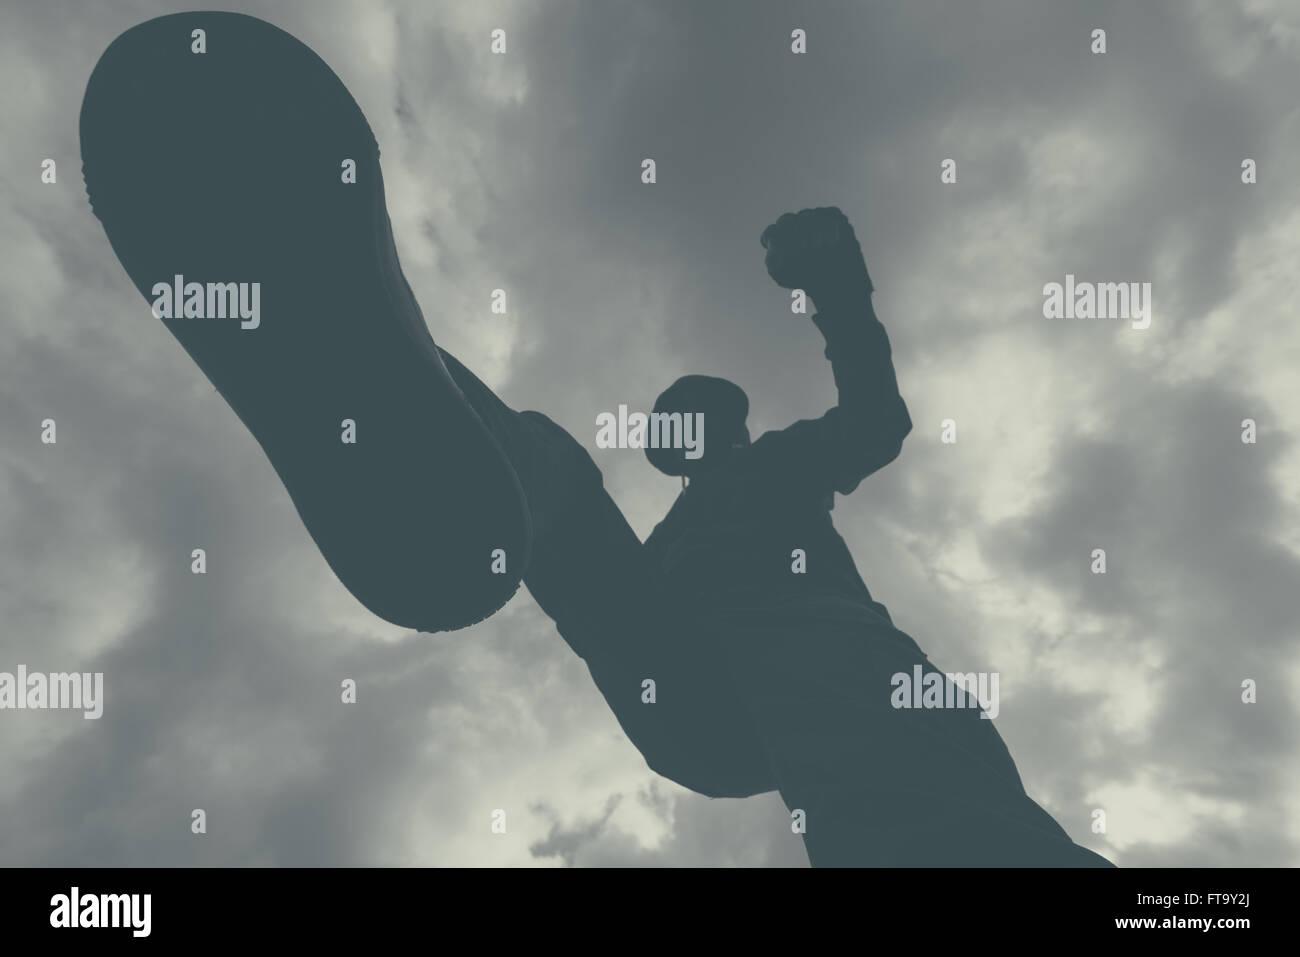 Attaque violente, méconnaissable Sweats Homme de frappe pénale victime dans la rue. image monochromatique. Photo Stock